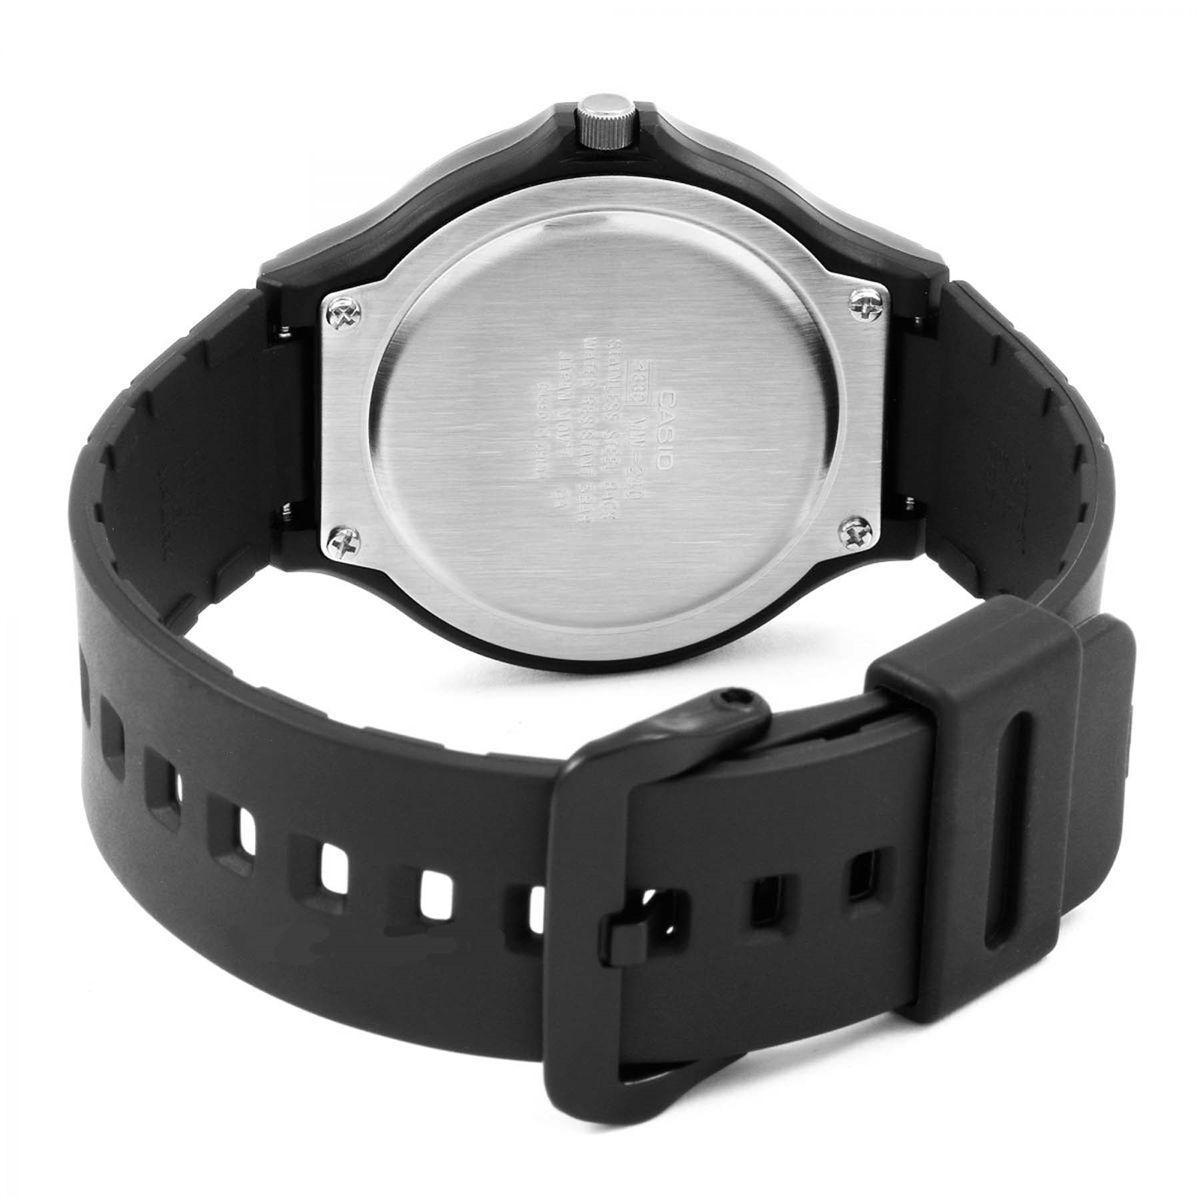 9a112b712ca Relógio Casio Analógico Masculino MW-240-3BVDF - Relógio Masculino ...